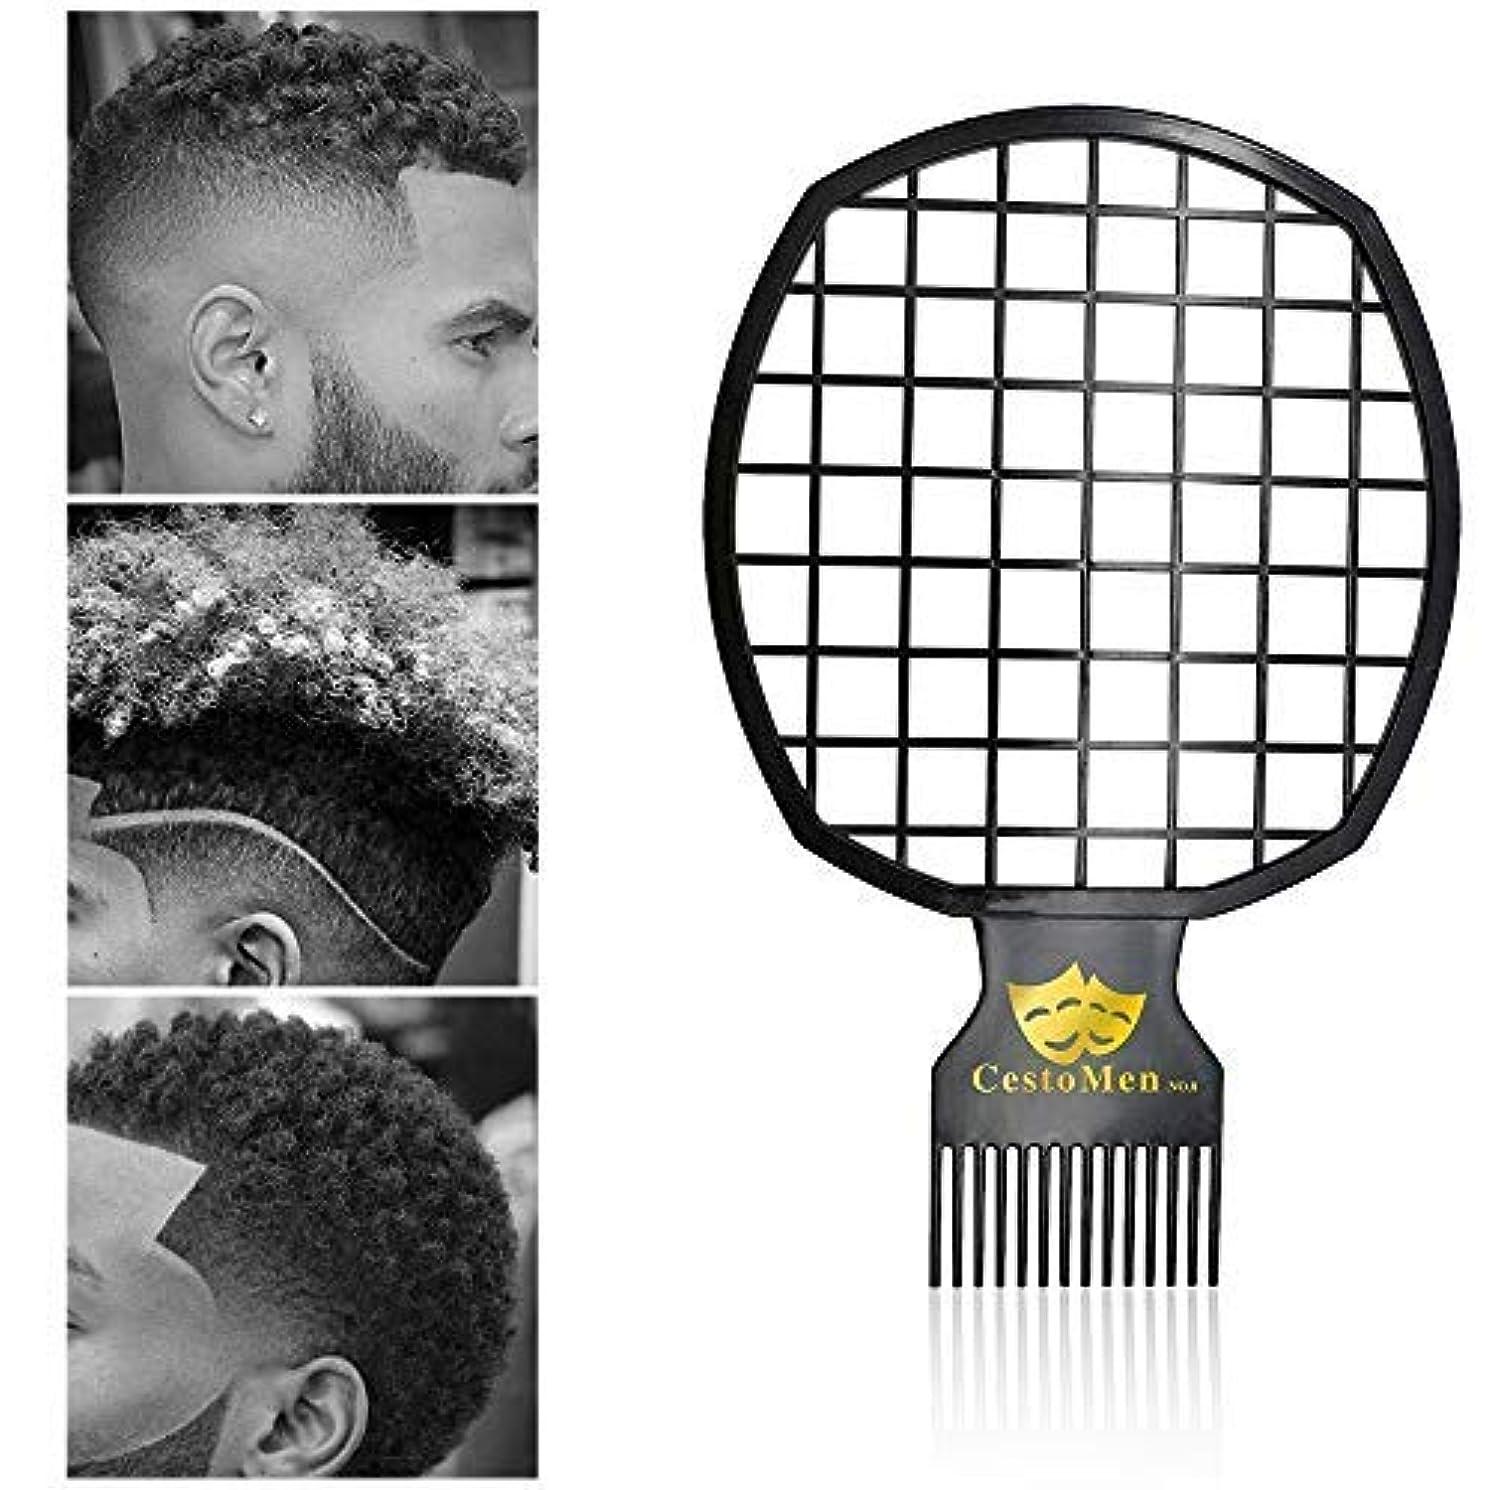 しっとり急ぐ物足りないAfro Twist Comb Portable Two-In-One Hair Comb for Natural Twists Curls Coils Dreads Hair Styling Tool for Black...